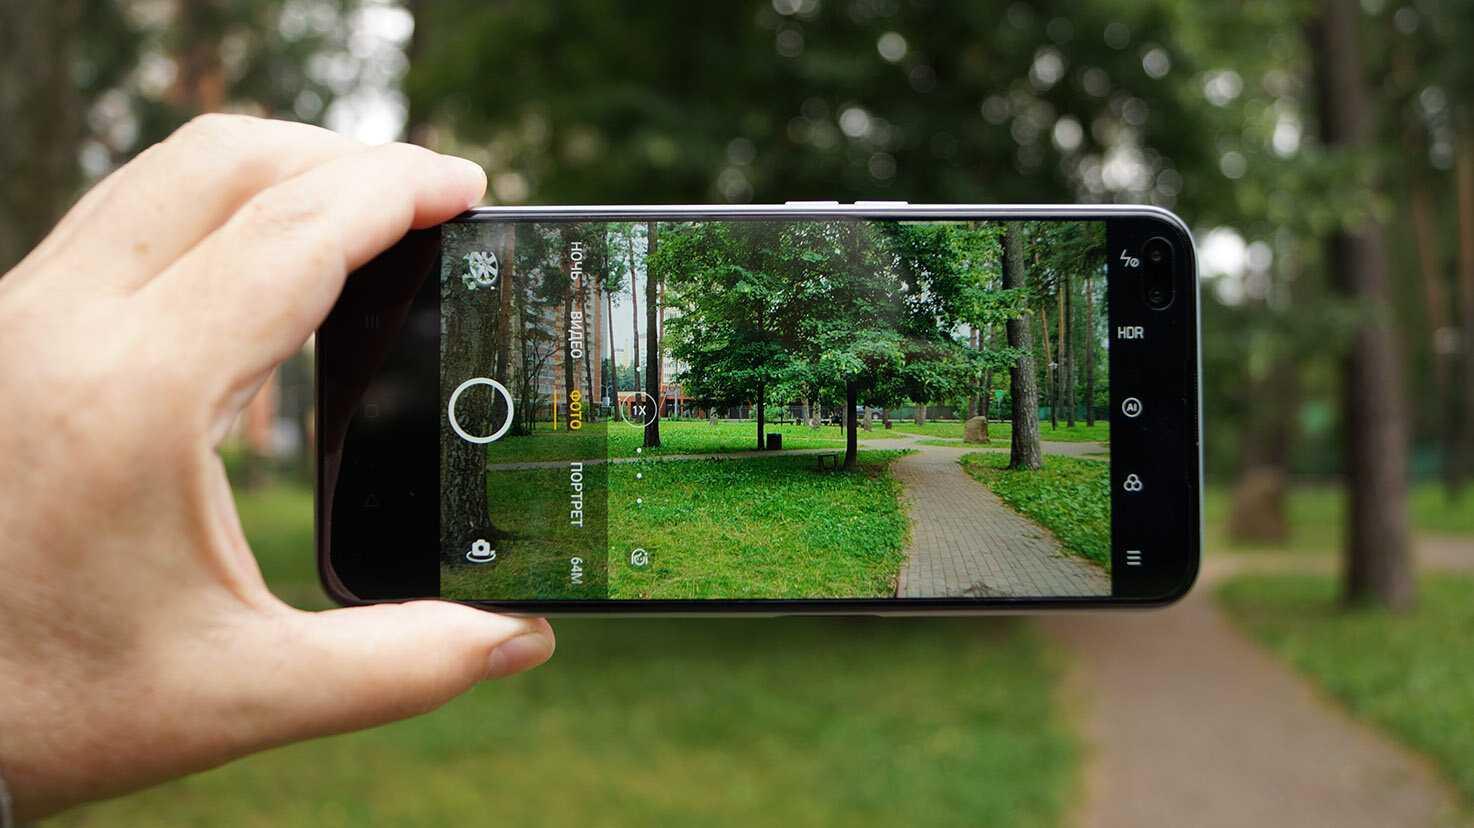 Ранее сообщалось что дочерняя компания OPPO планирует представить новый Realme X3 SuperZoom но даты выхода этого смартфона никто не называл Теперь известно что